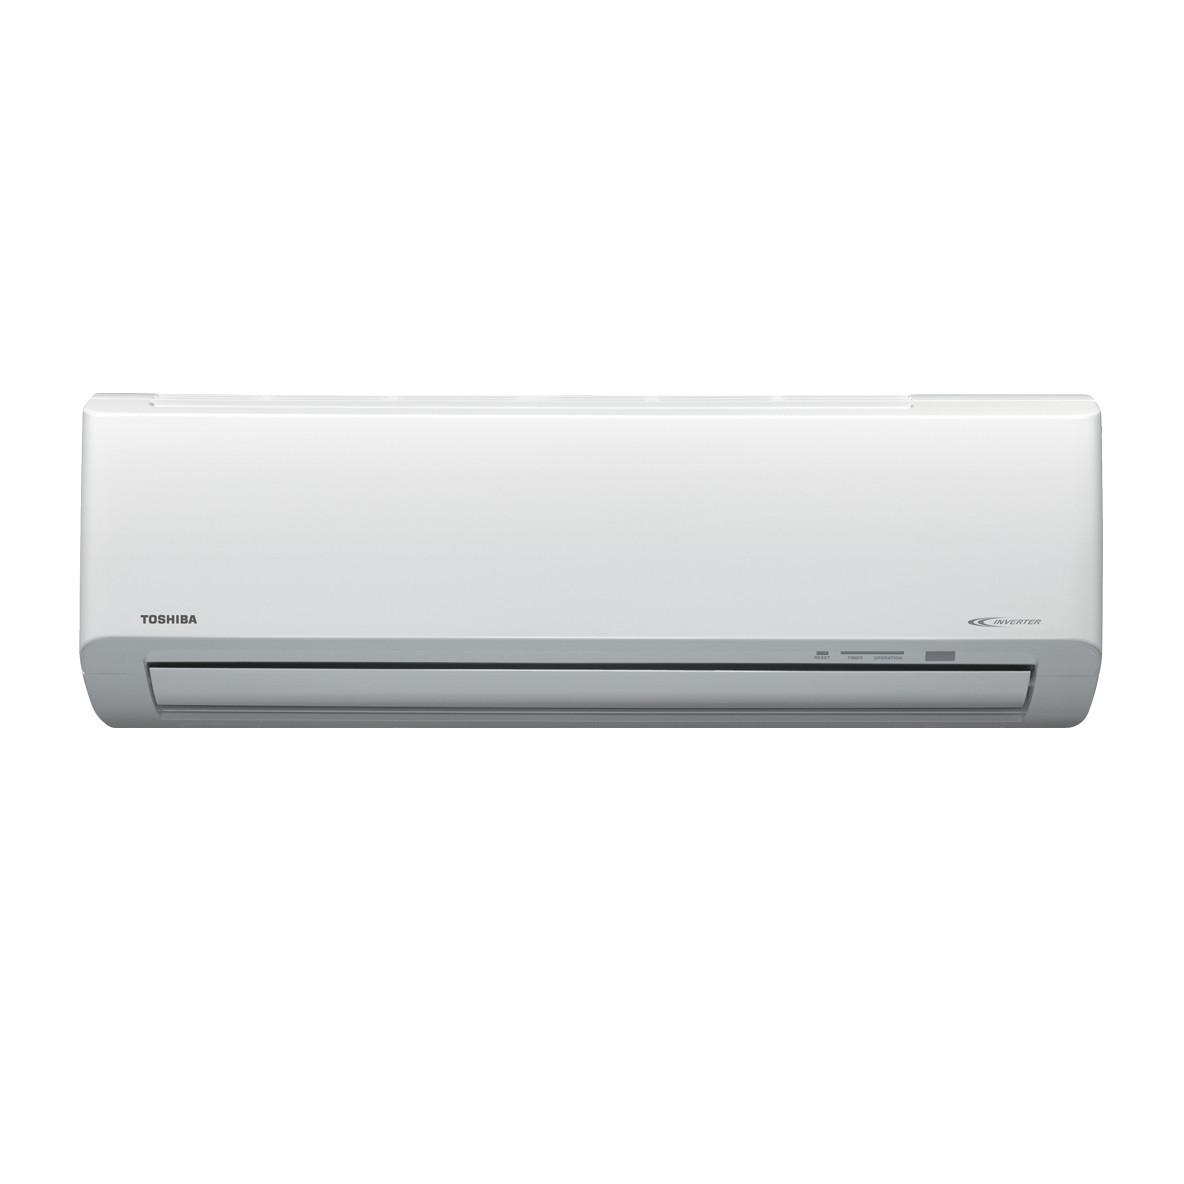 Máy lạnh Toshiba Inverter 1.0 HP RAS-H10H2KCVG-V Model 2020 -Hàng chính hãng (chỉ giao HCM)